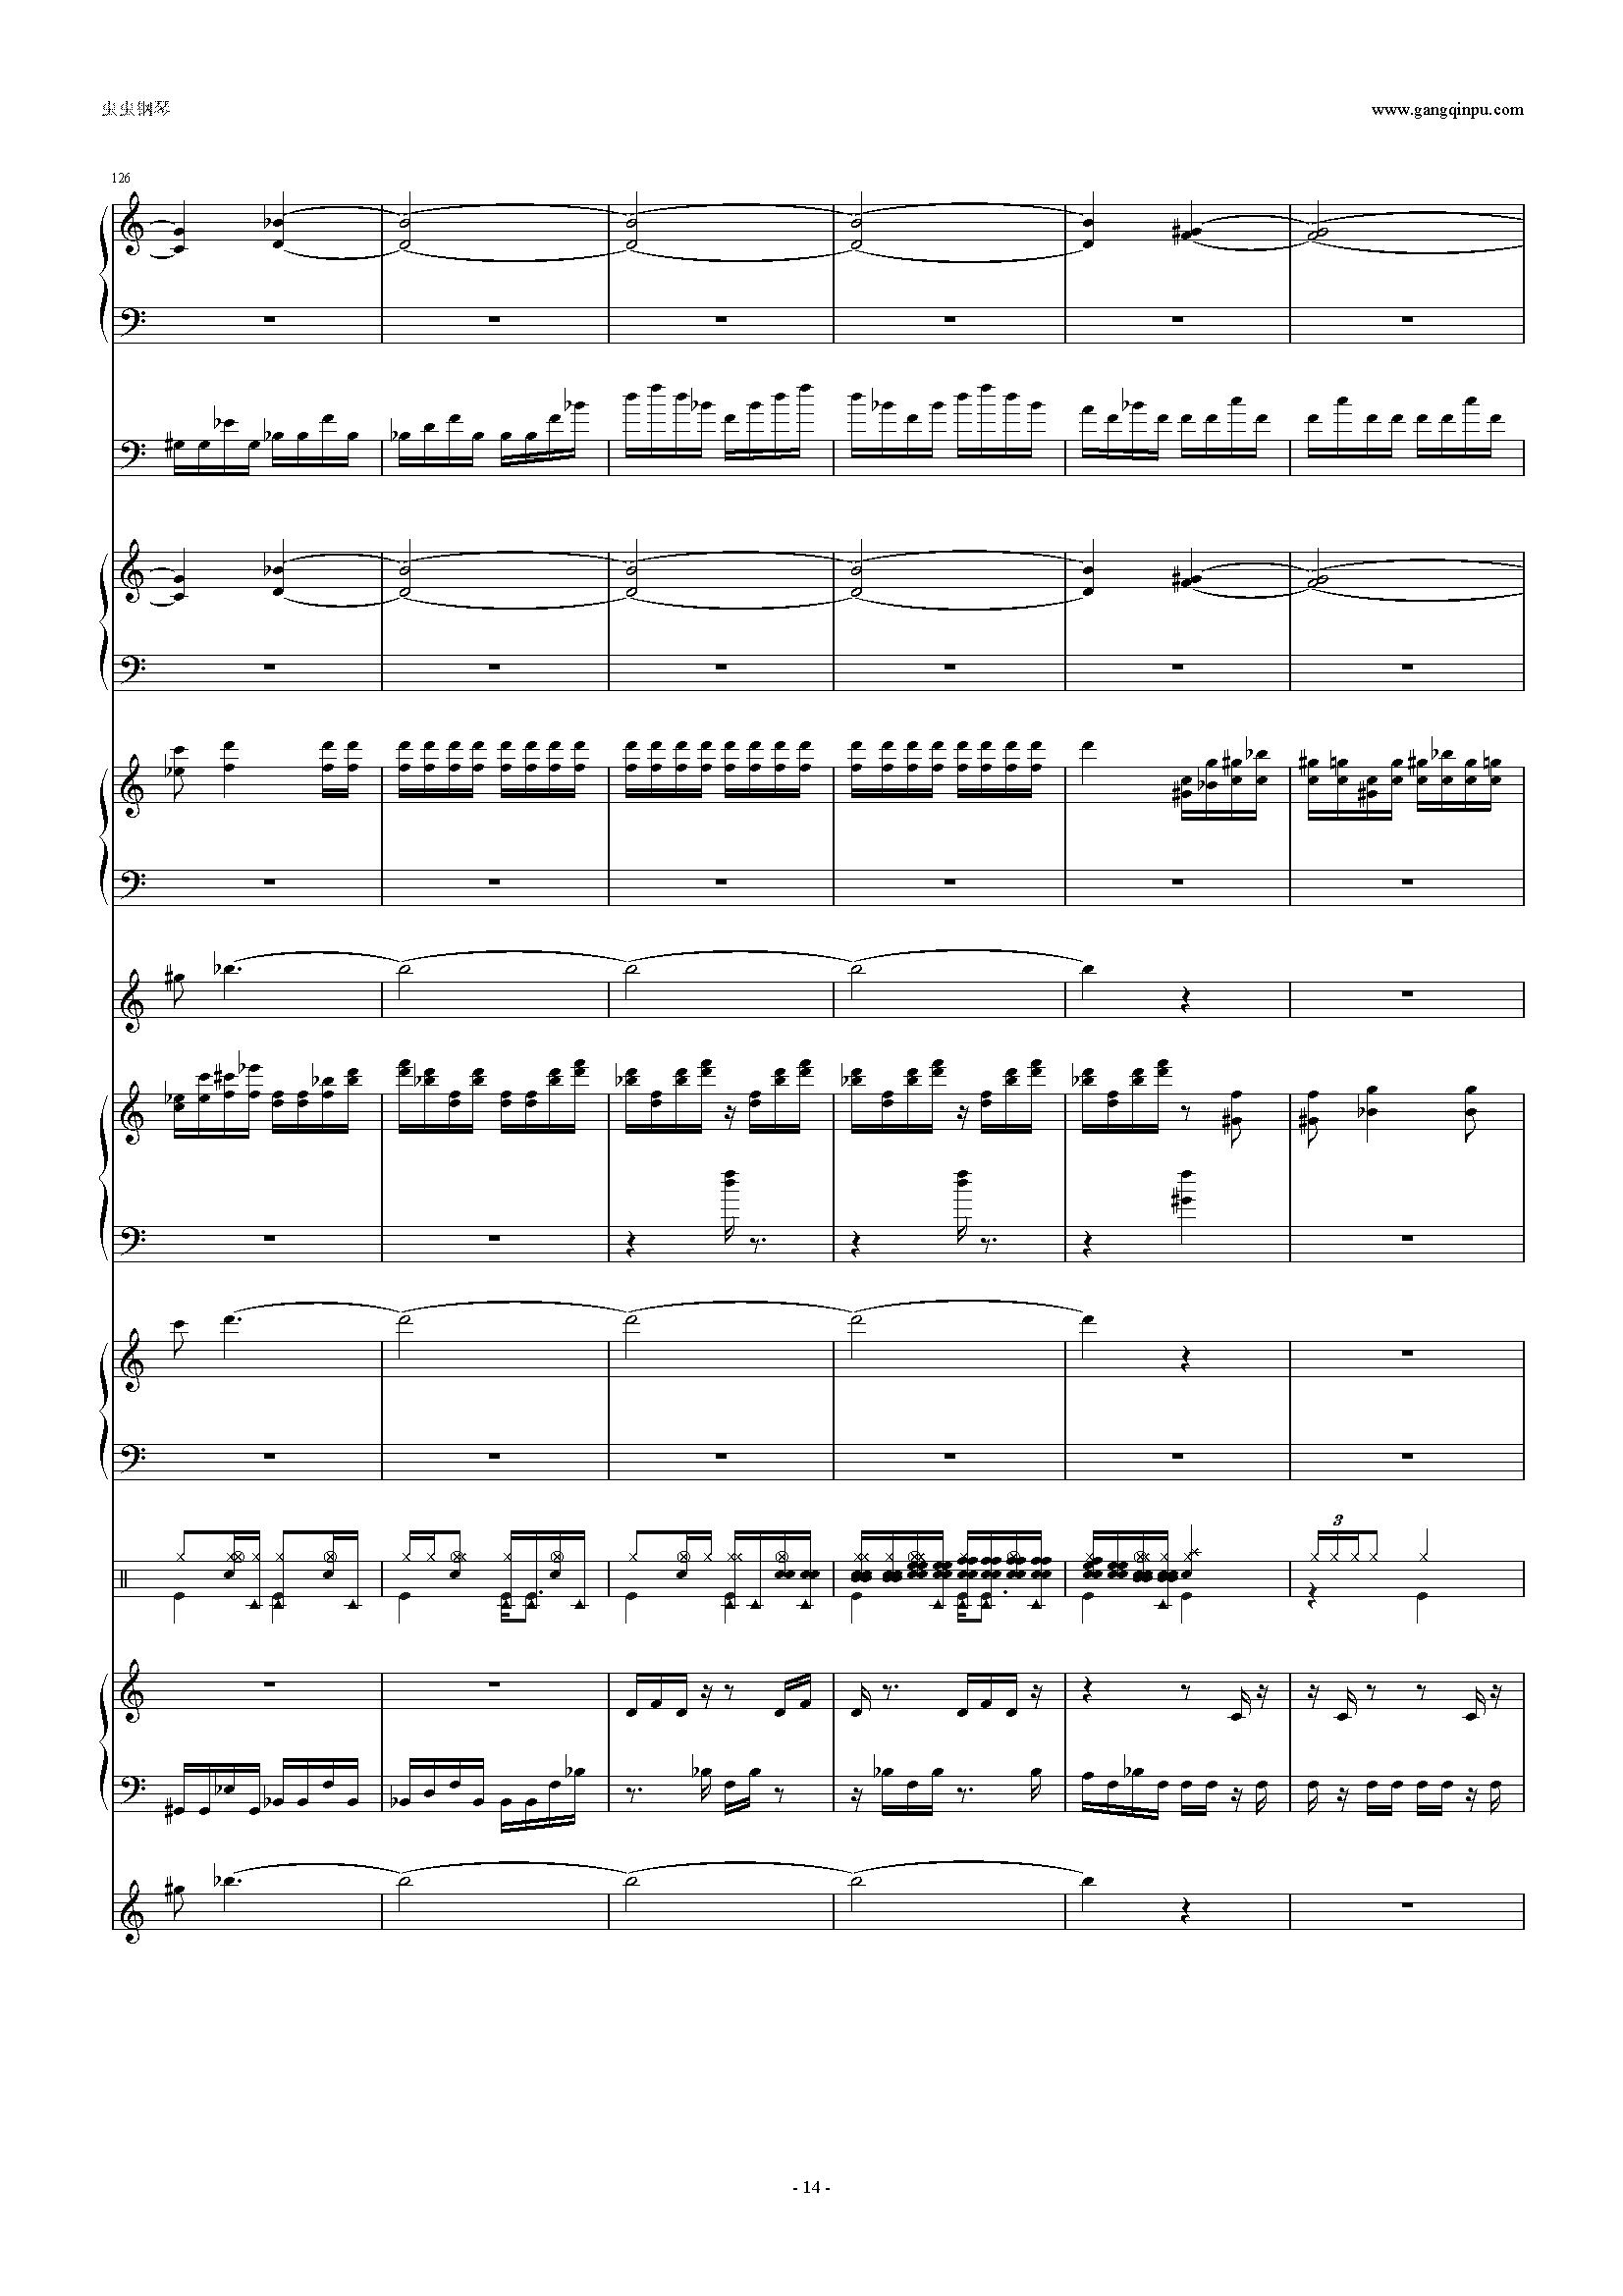 少女幻葬钢琴谱 第14页